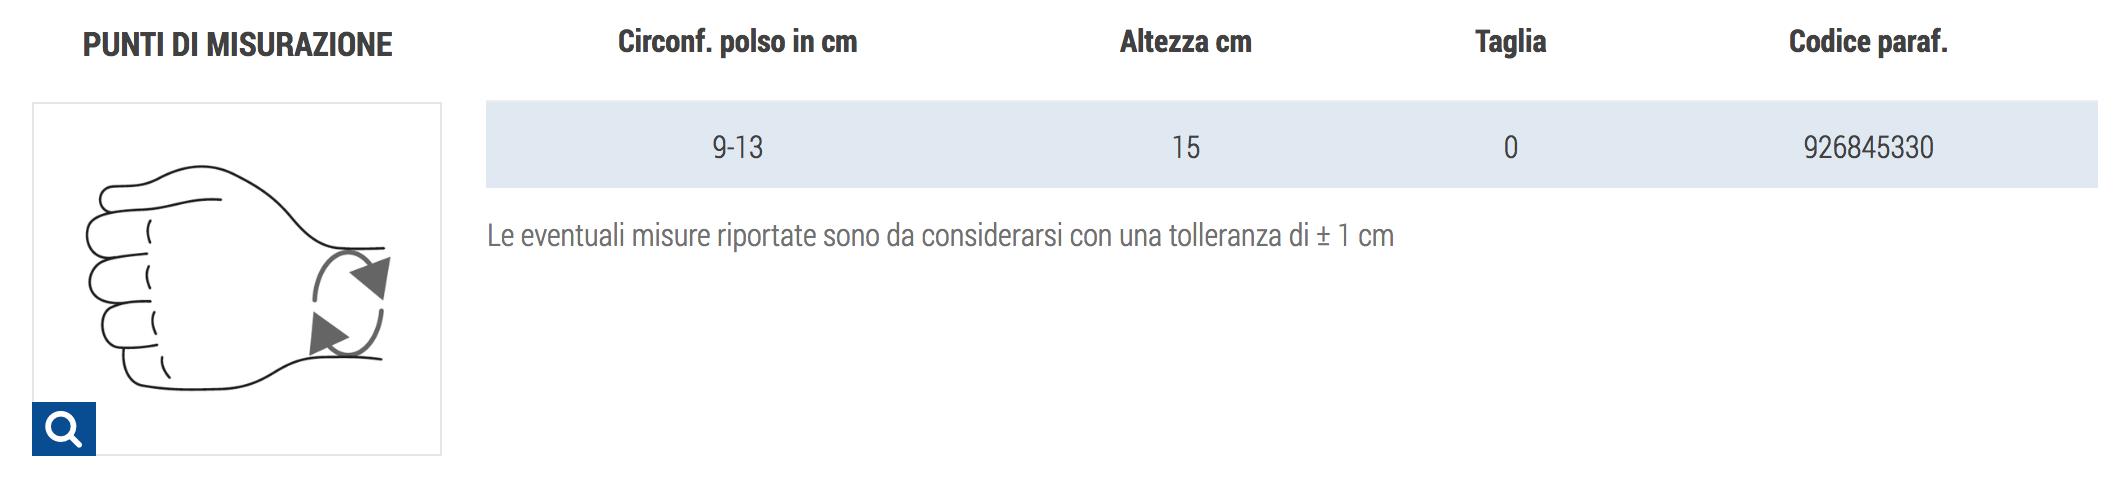 ORTESI POLSO  - LINEA JUNIOR - Tutore polso-mano per bambini